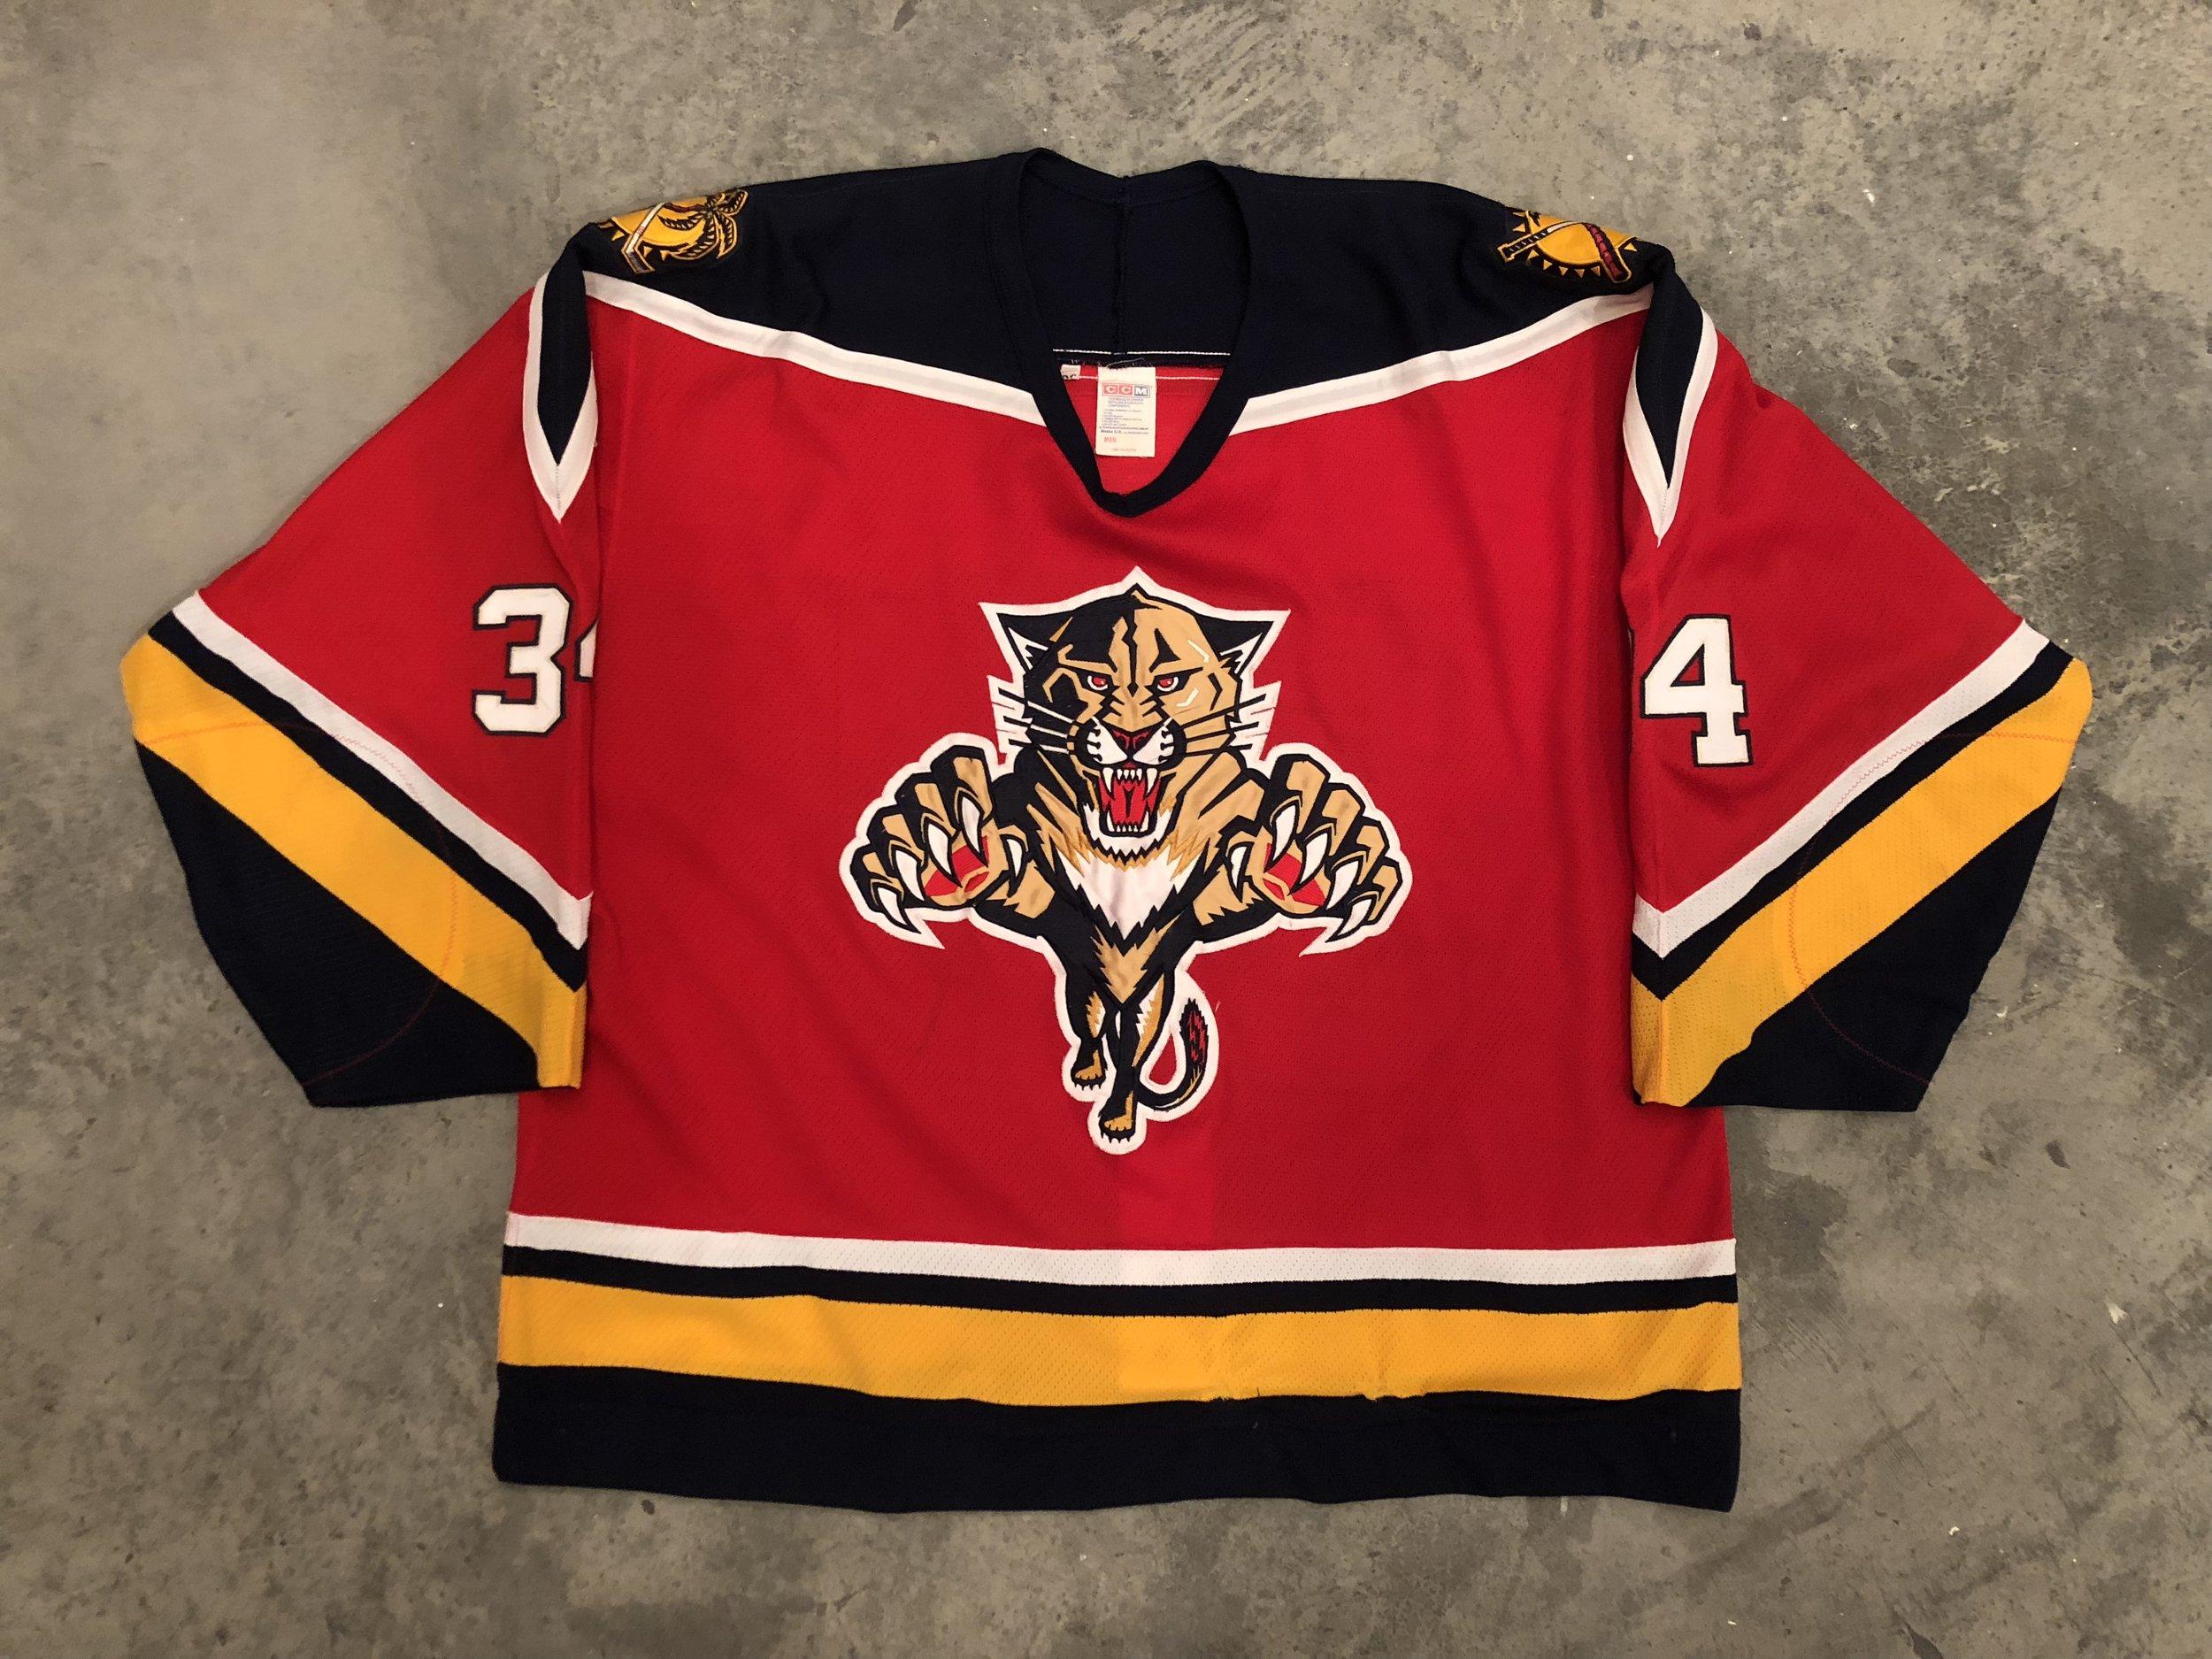 1993-94 Florida Panthers game worn road jersey